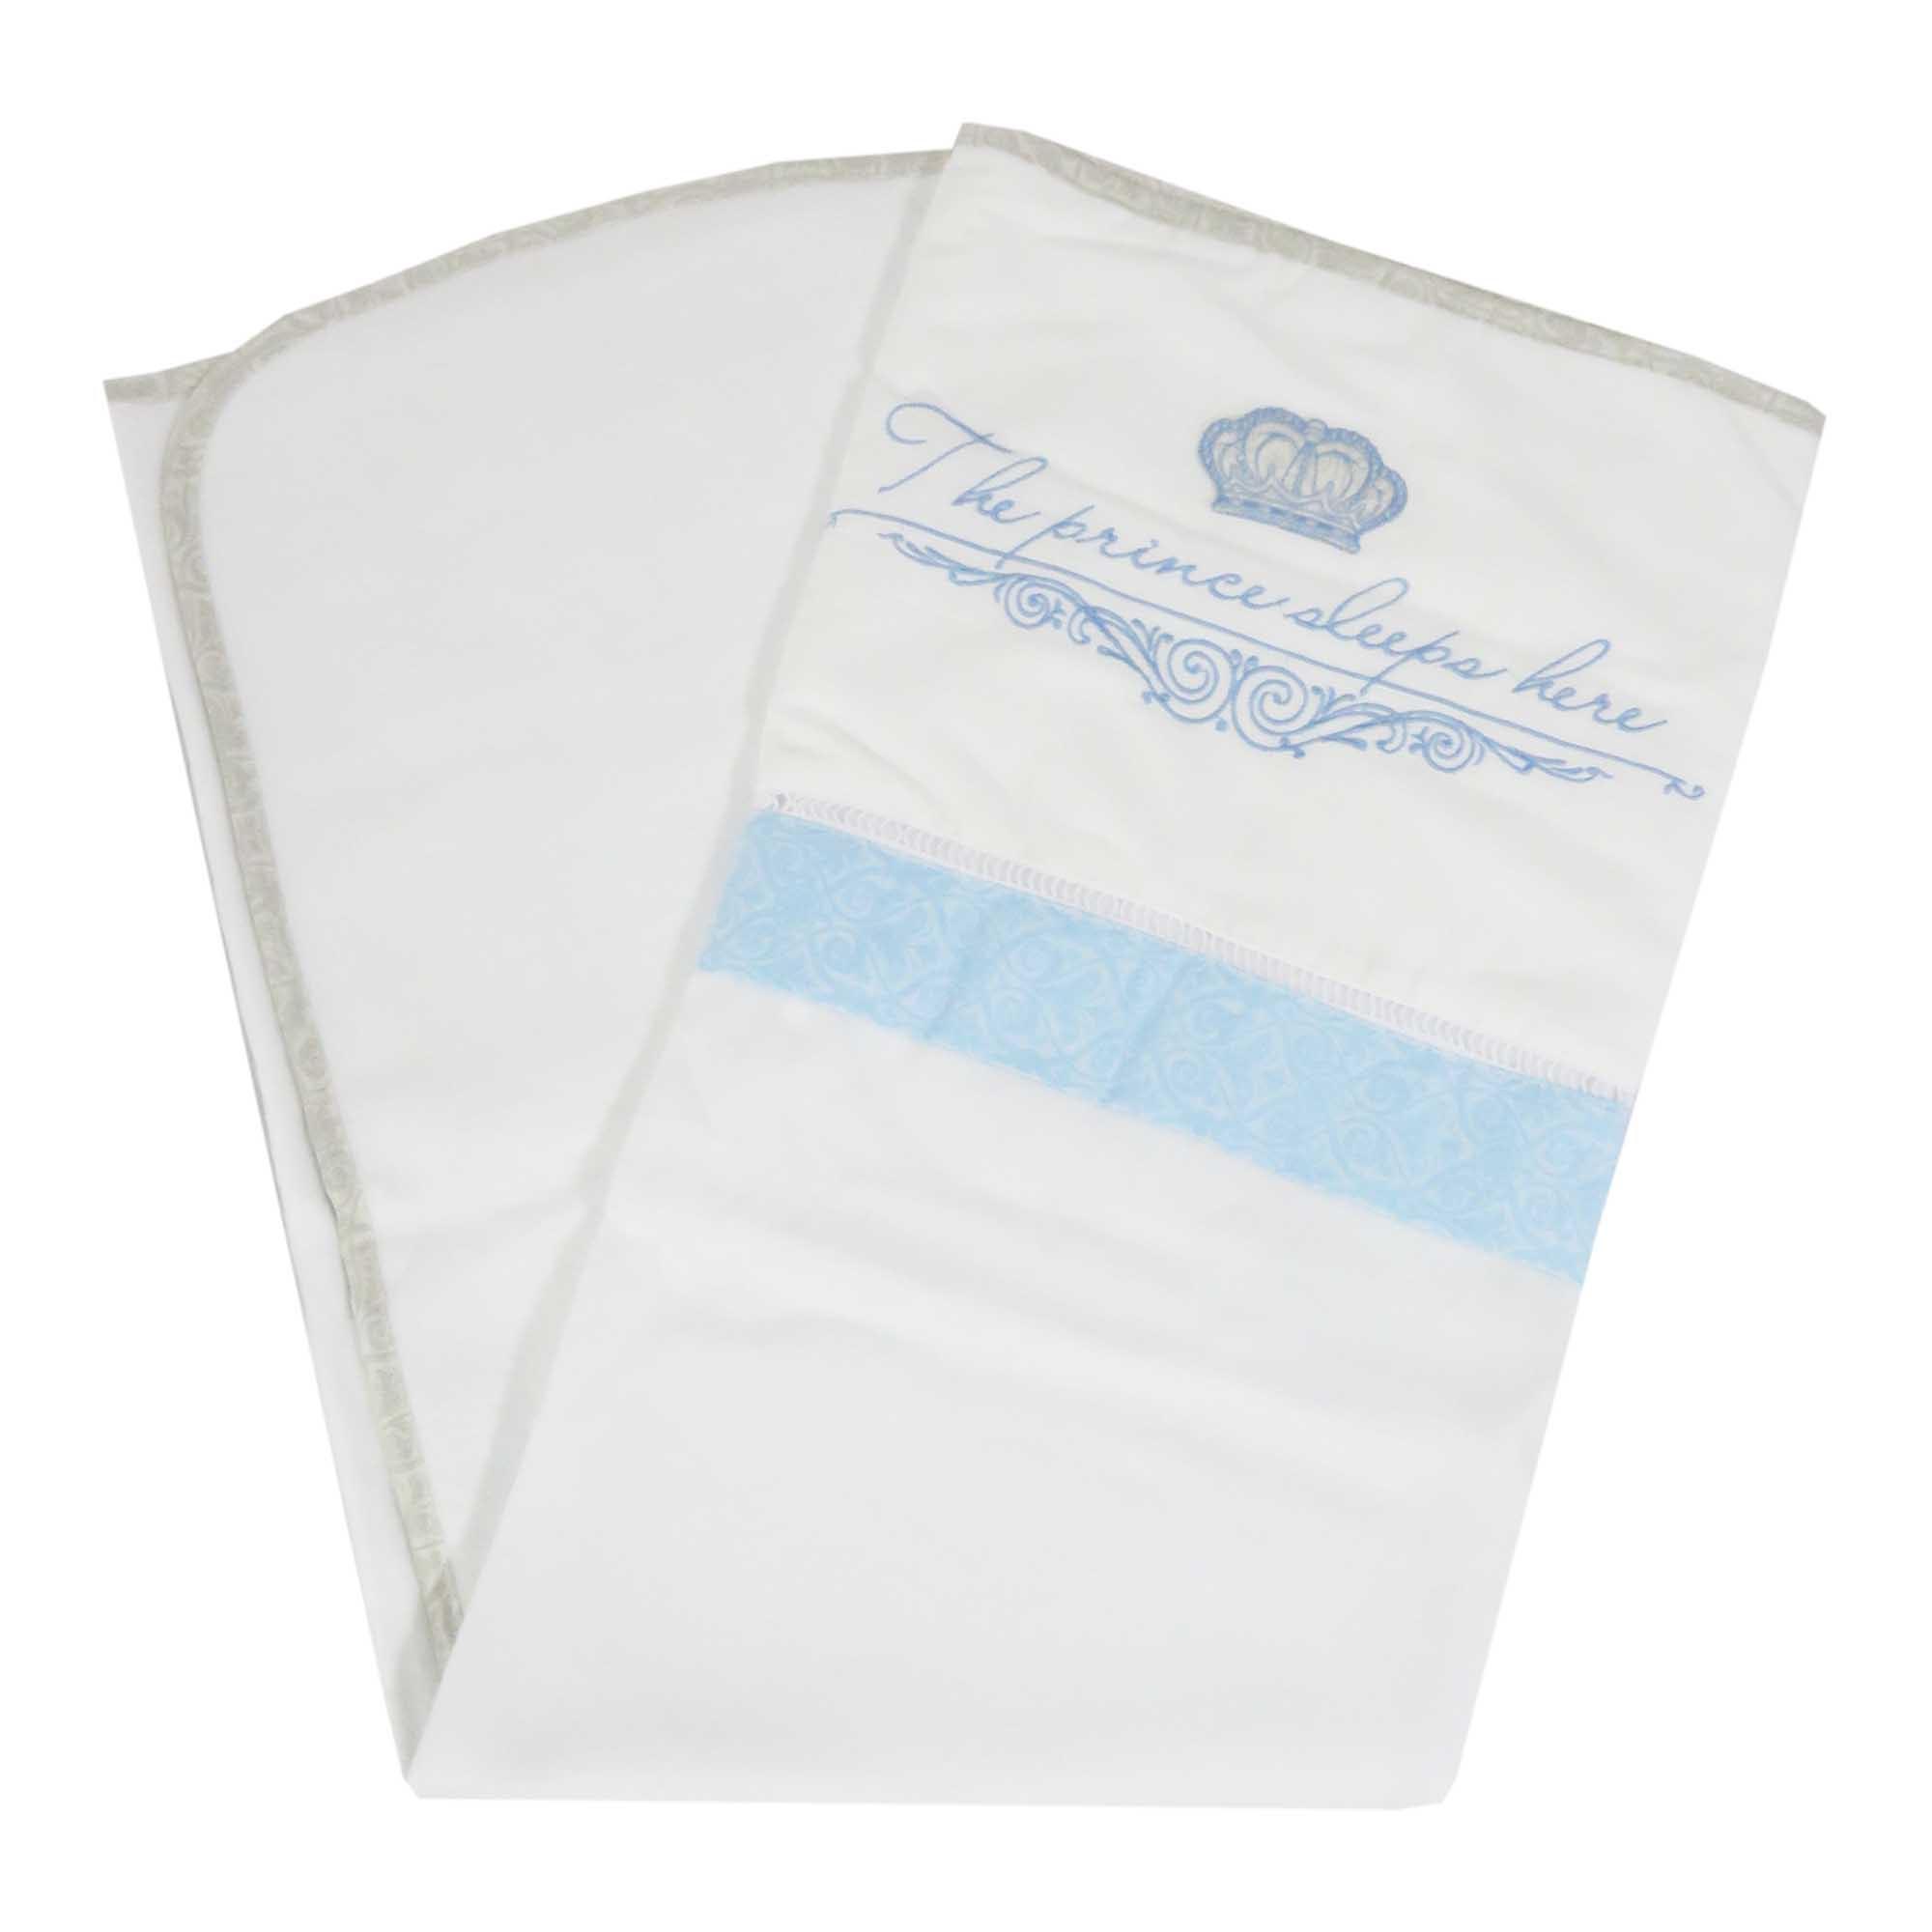 Cobertor Flanelado  Bordado Coroa - Minasrey - Reininho Classic